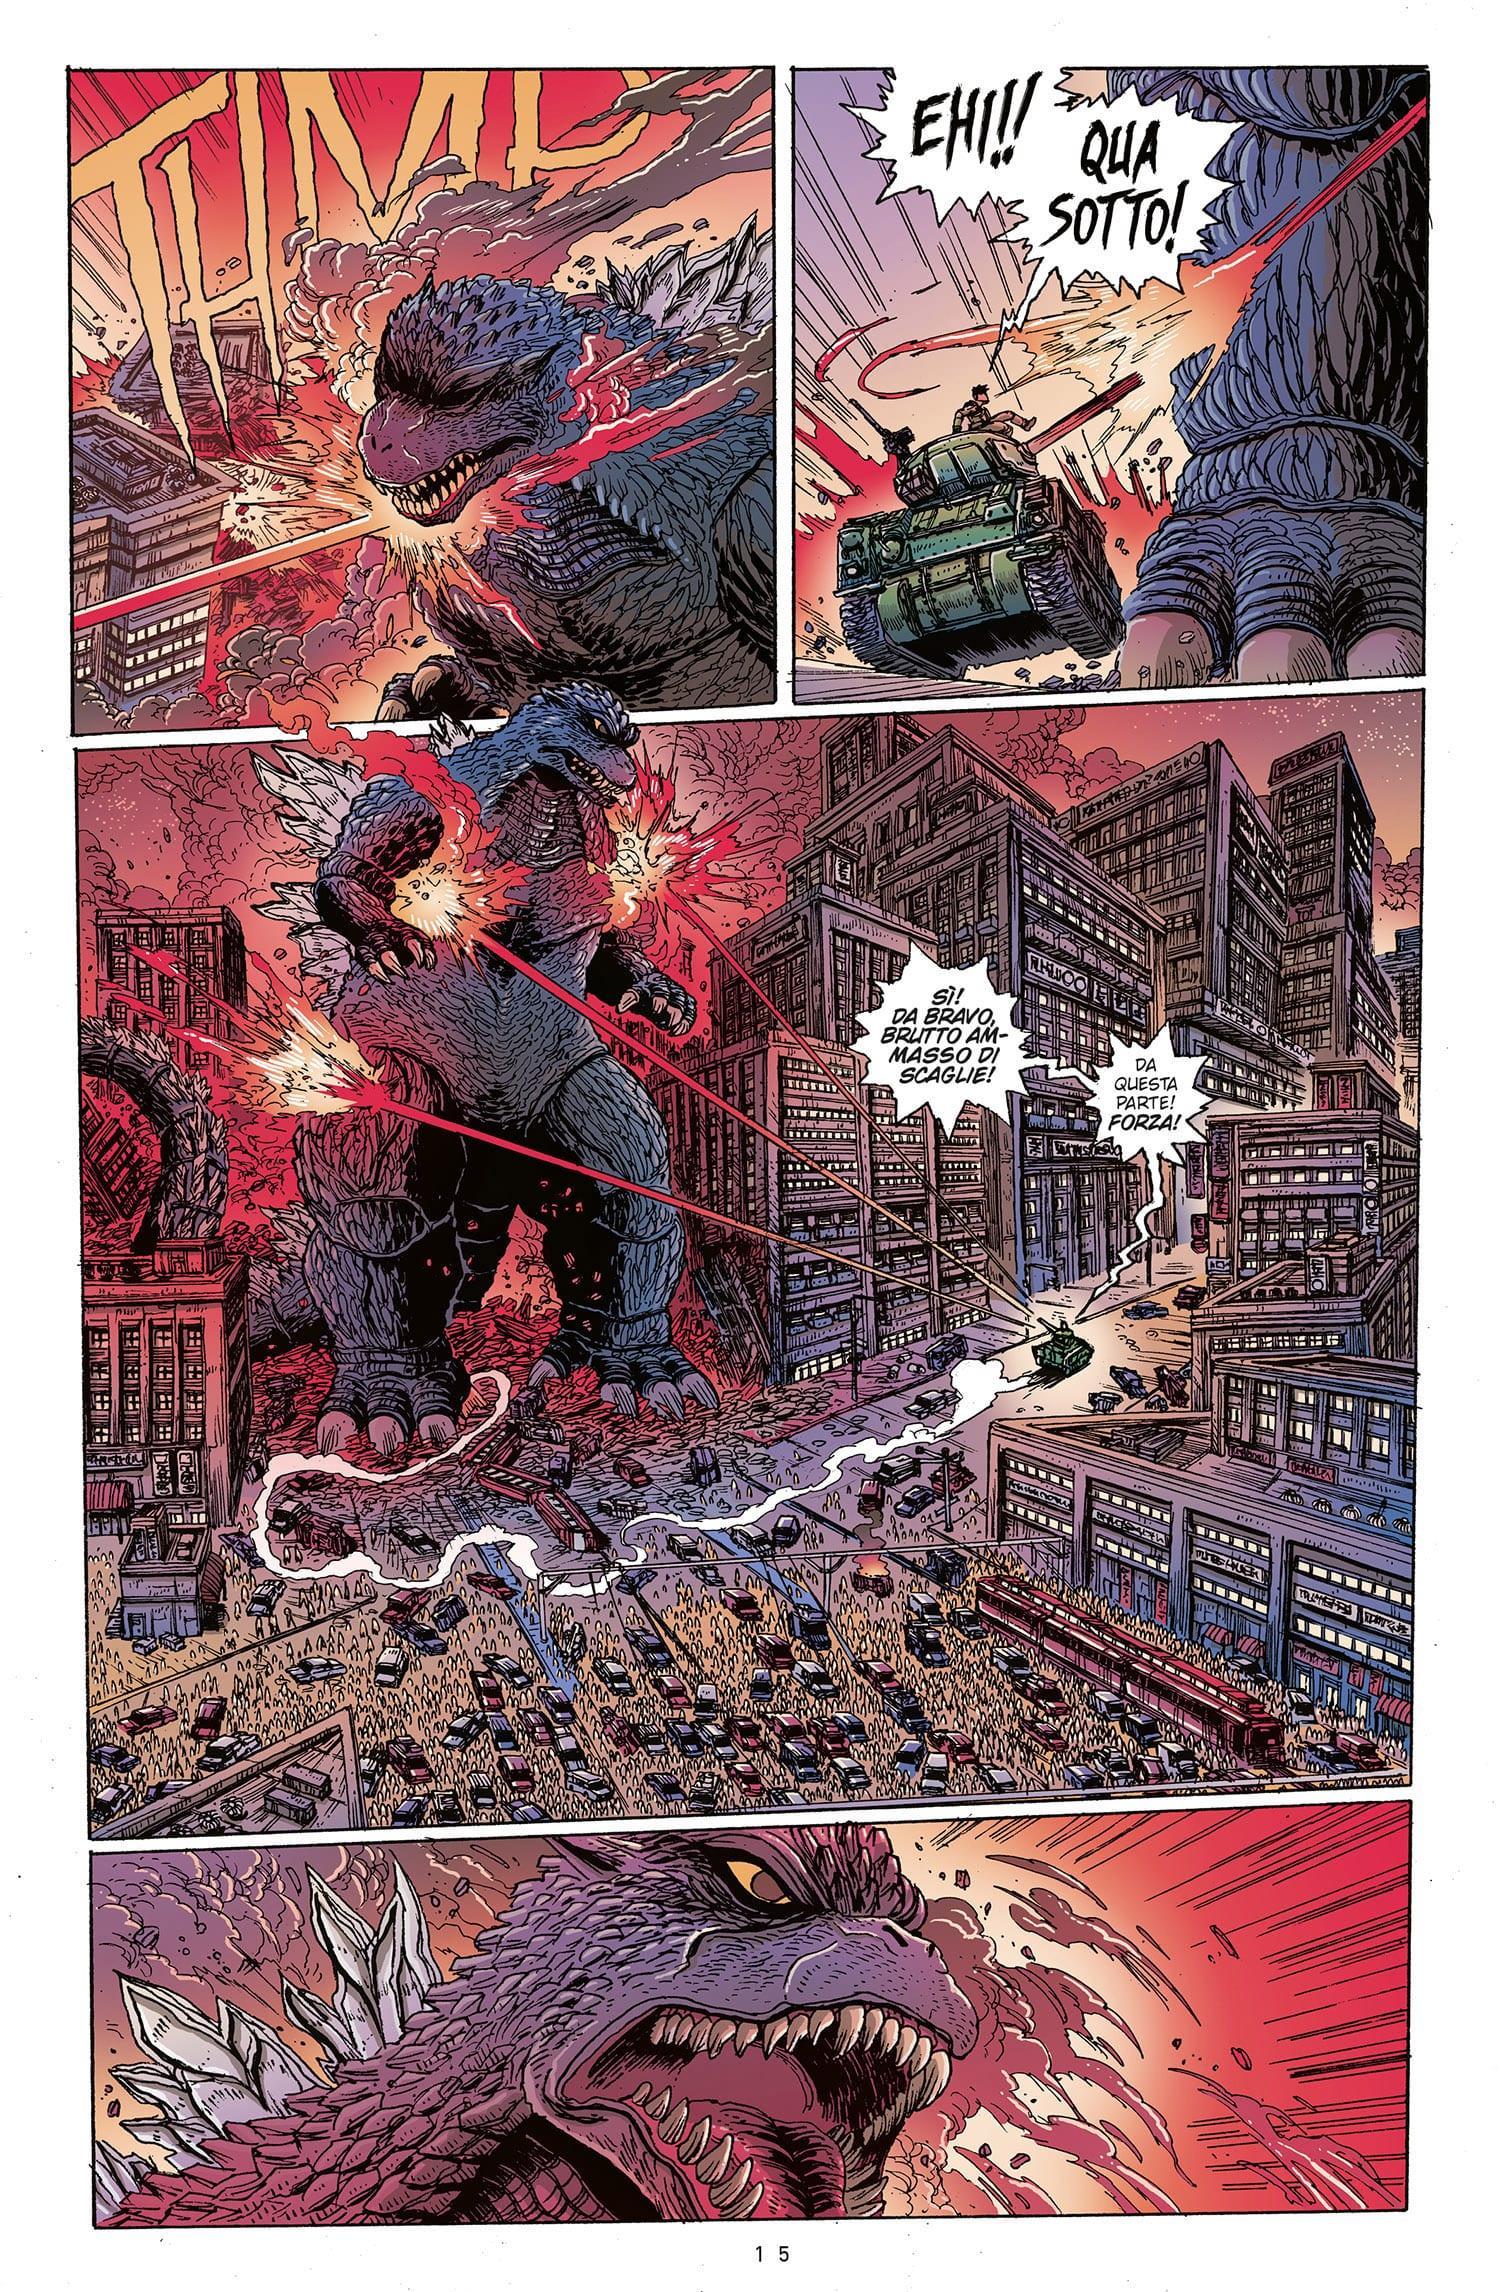 La prima apparizione di Godzilla nel fumetto